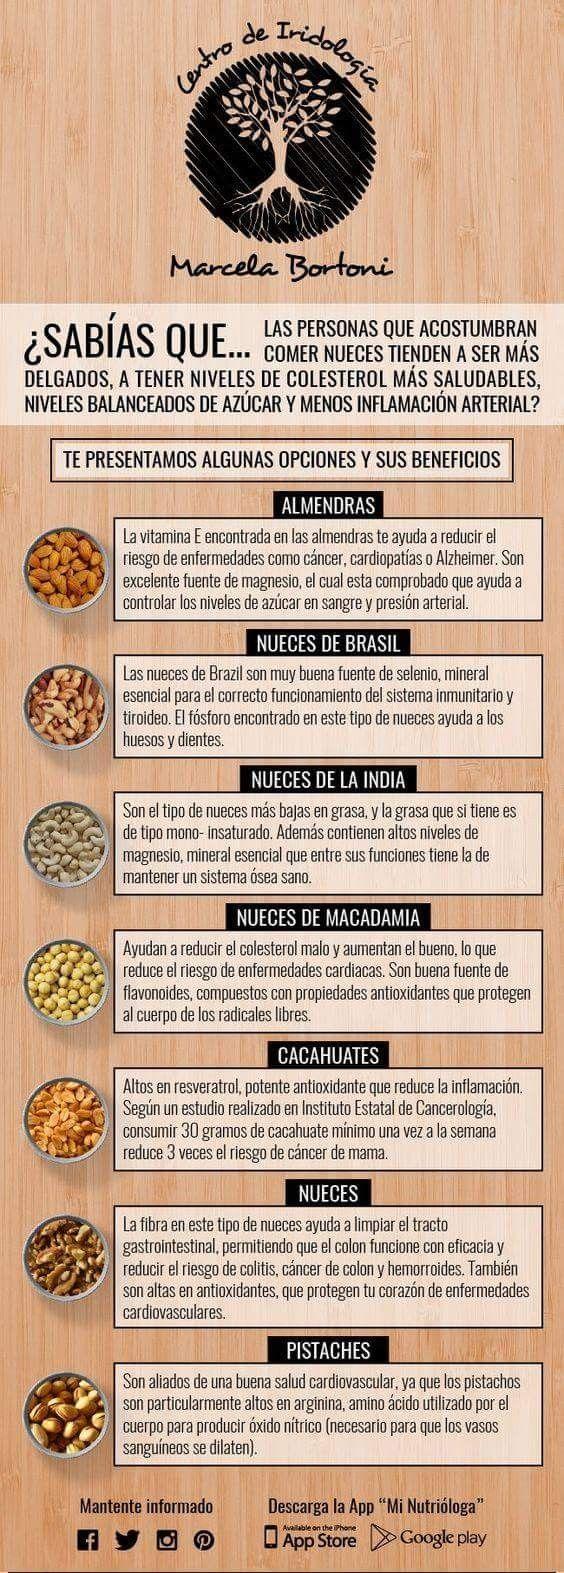 disfunción eréctil que la vitamina y el aceite